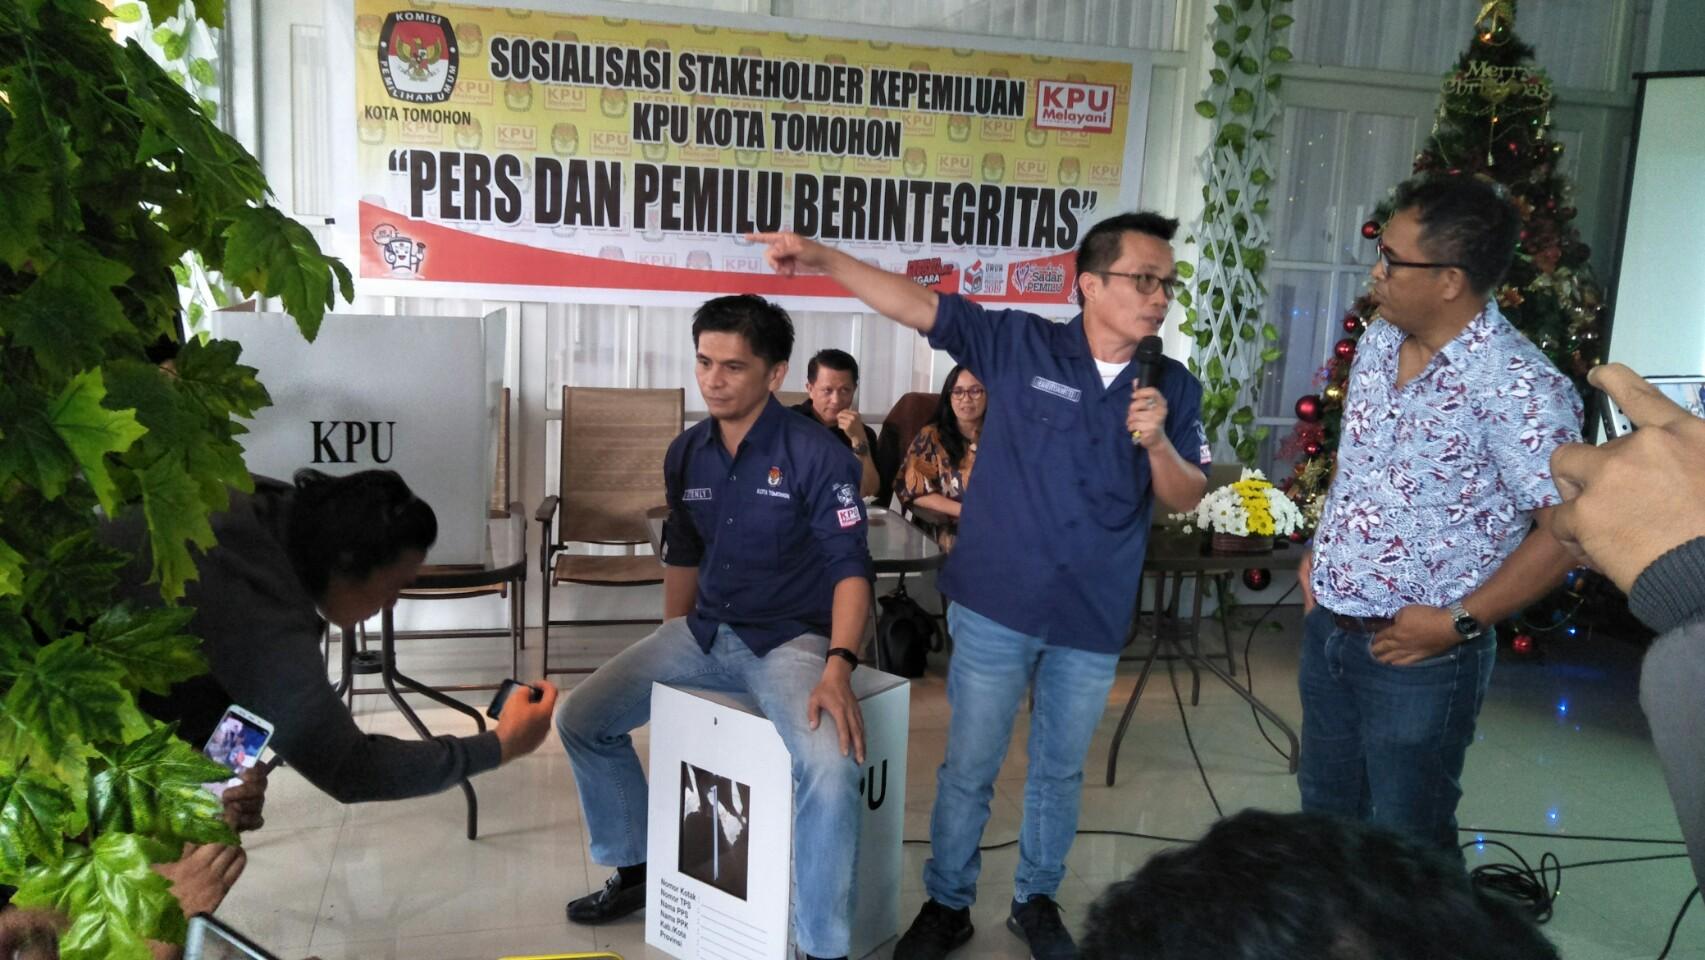 KPU Gandeng Pers Wujudkan Pemilu Berintegritas